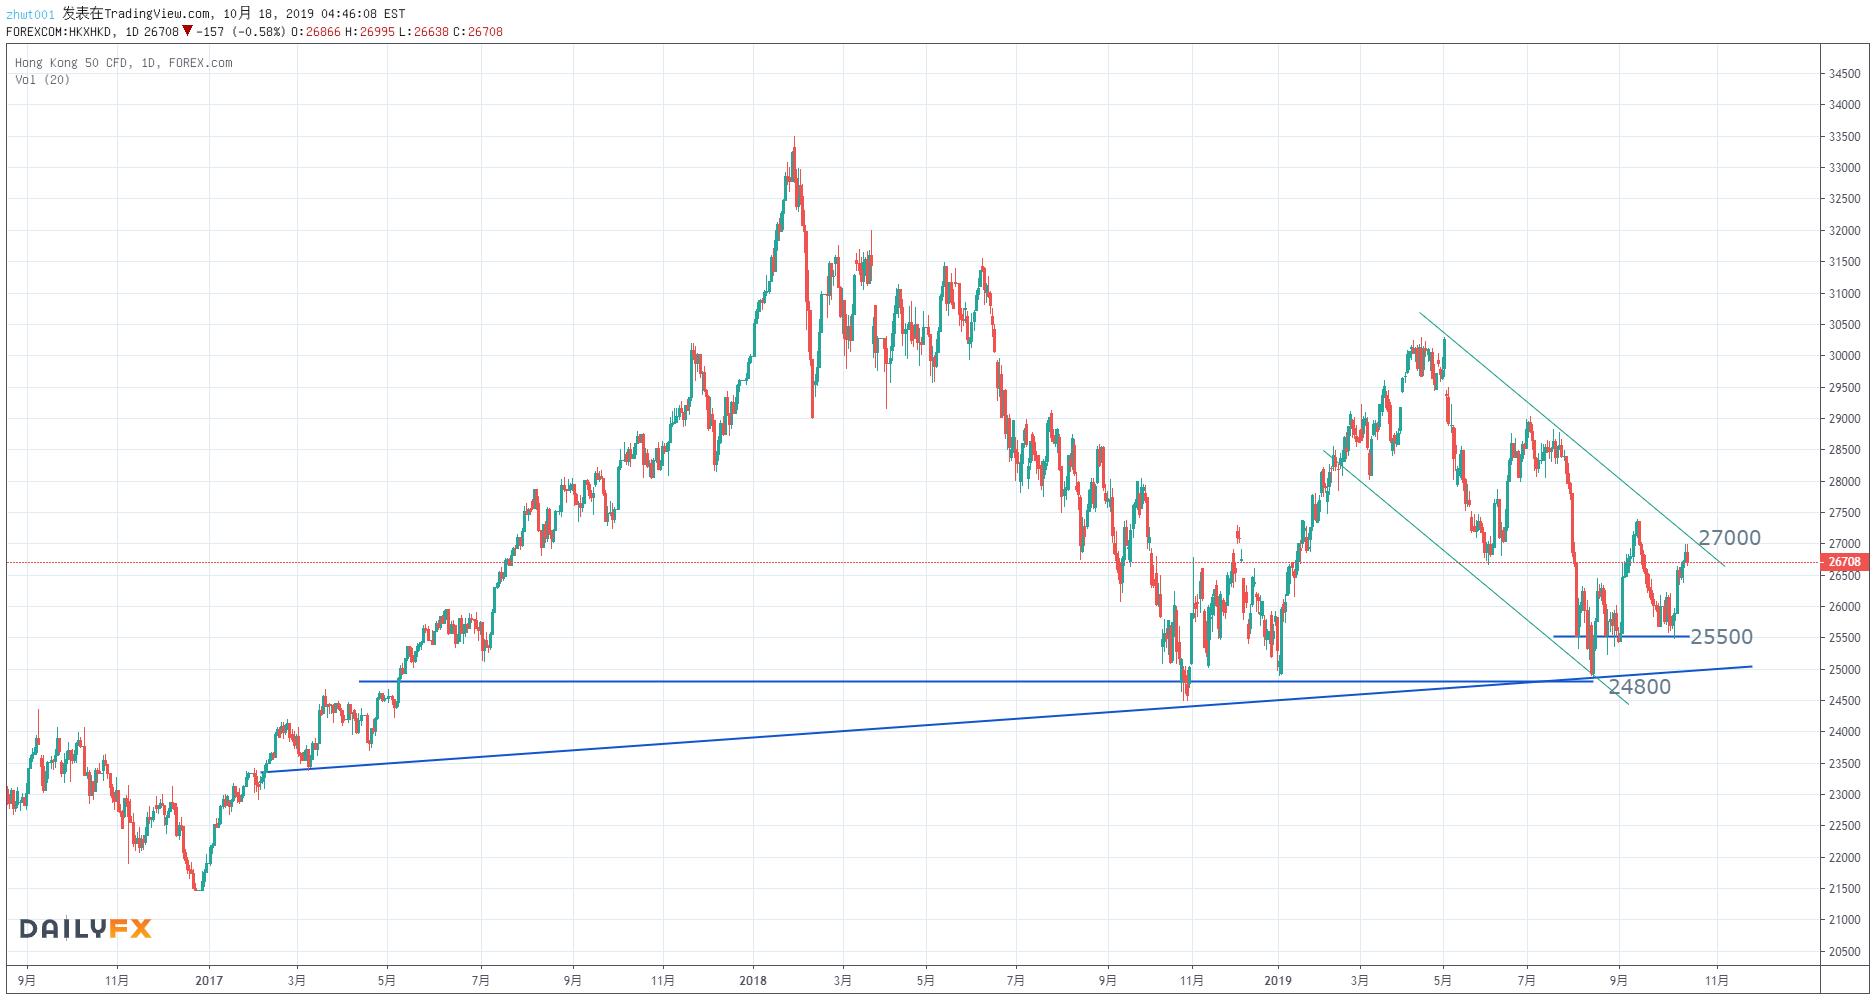 【恒指周评】市场情绪回暖,短线调整后有望继续上行